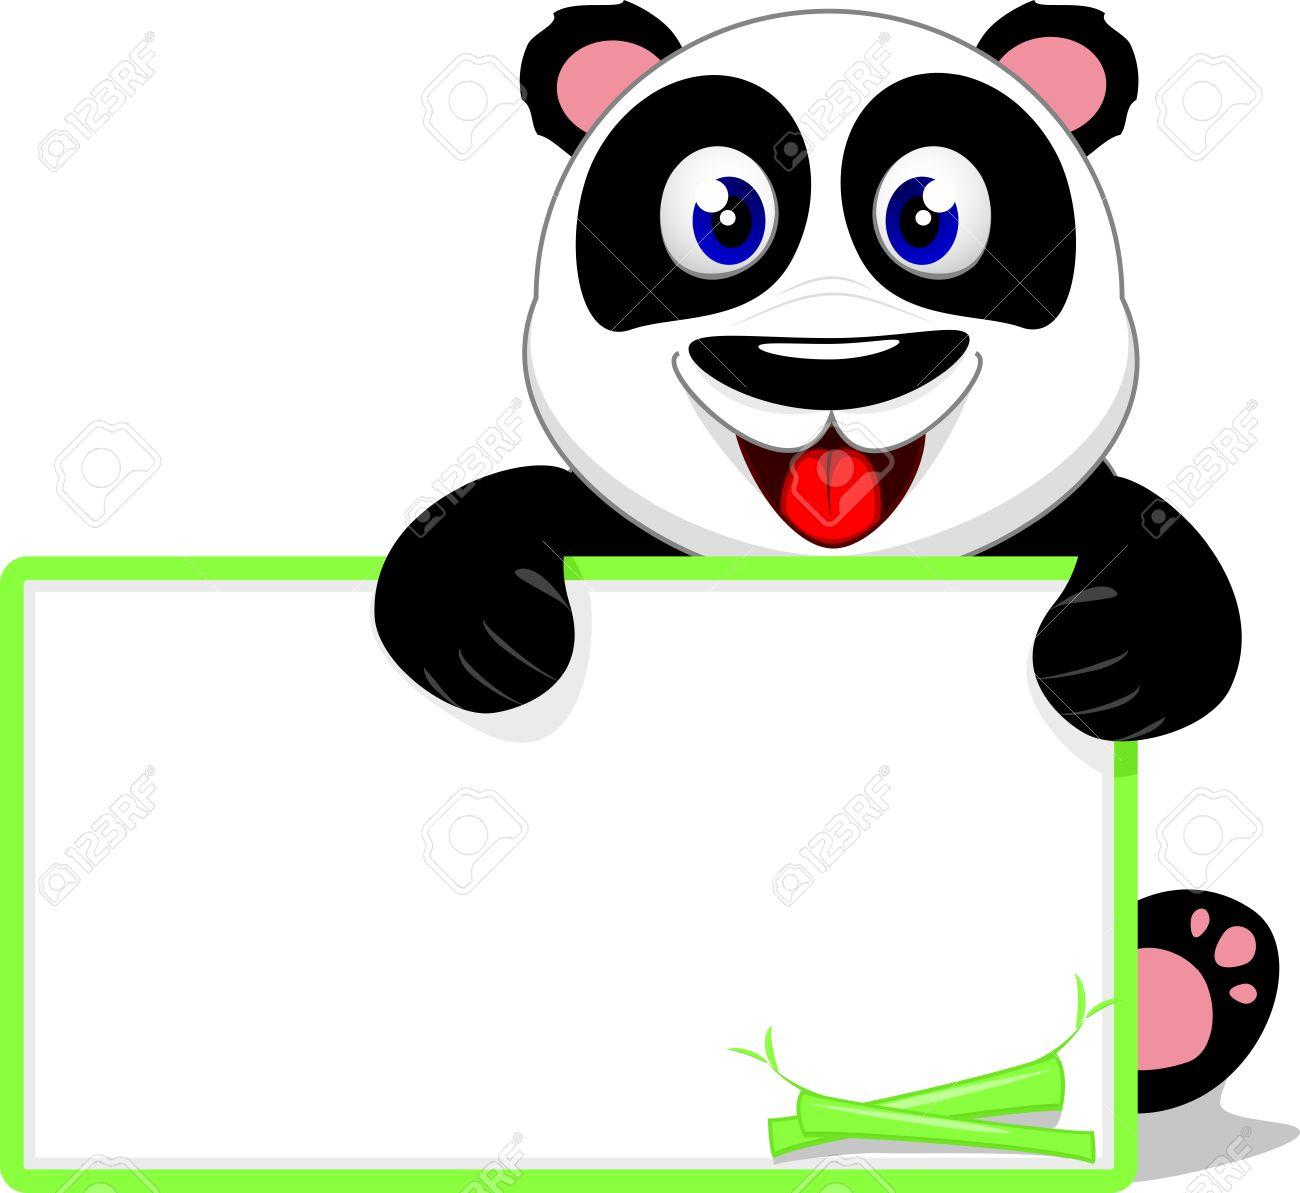 1300x1193 Cartoon Pandas Holding Hands Nvsi